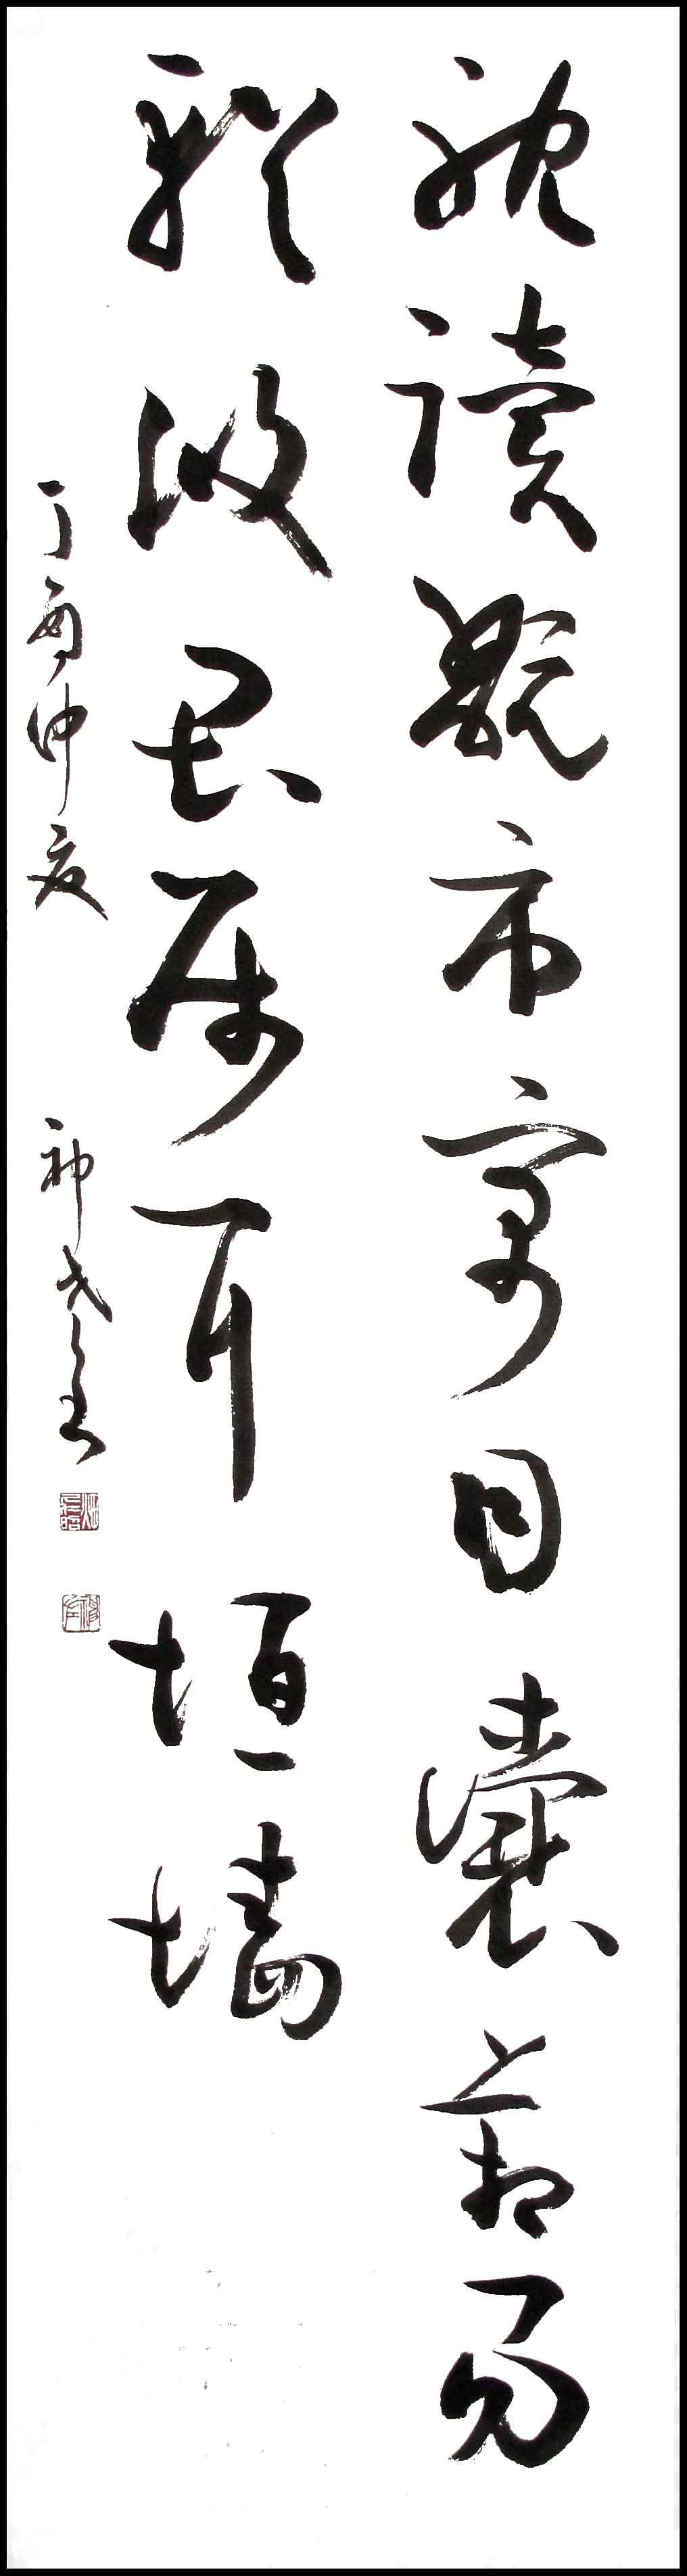 書海社7月号3部千字文草書提出 2017 08 20